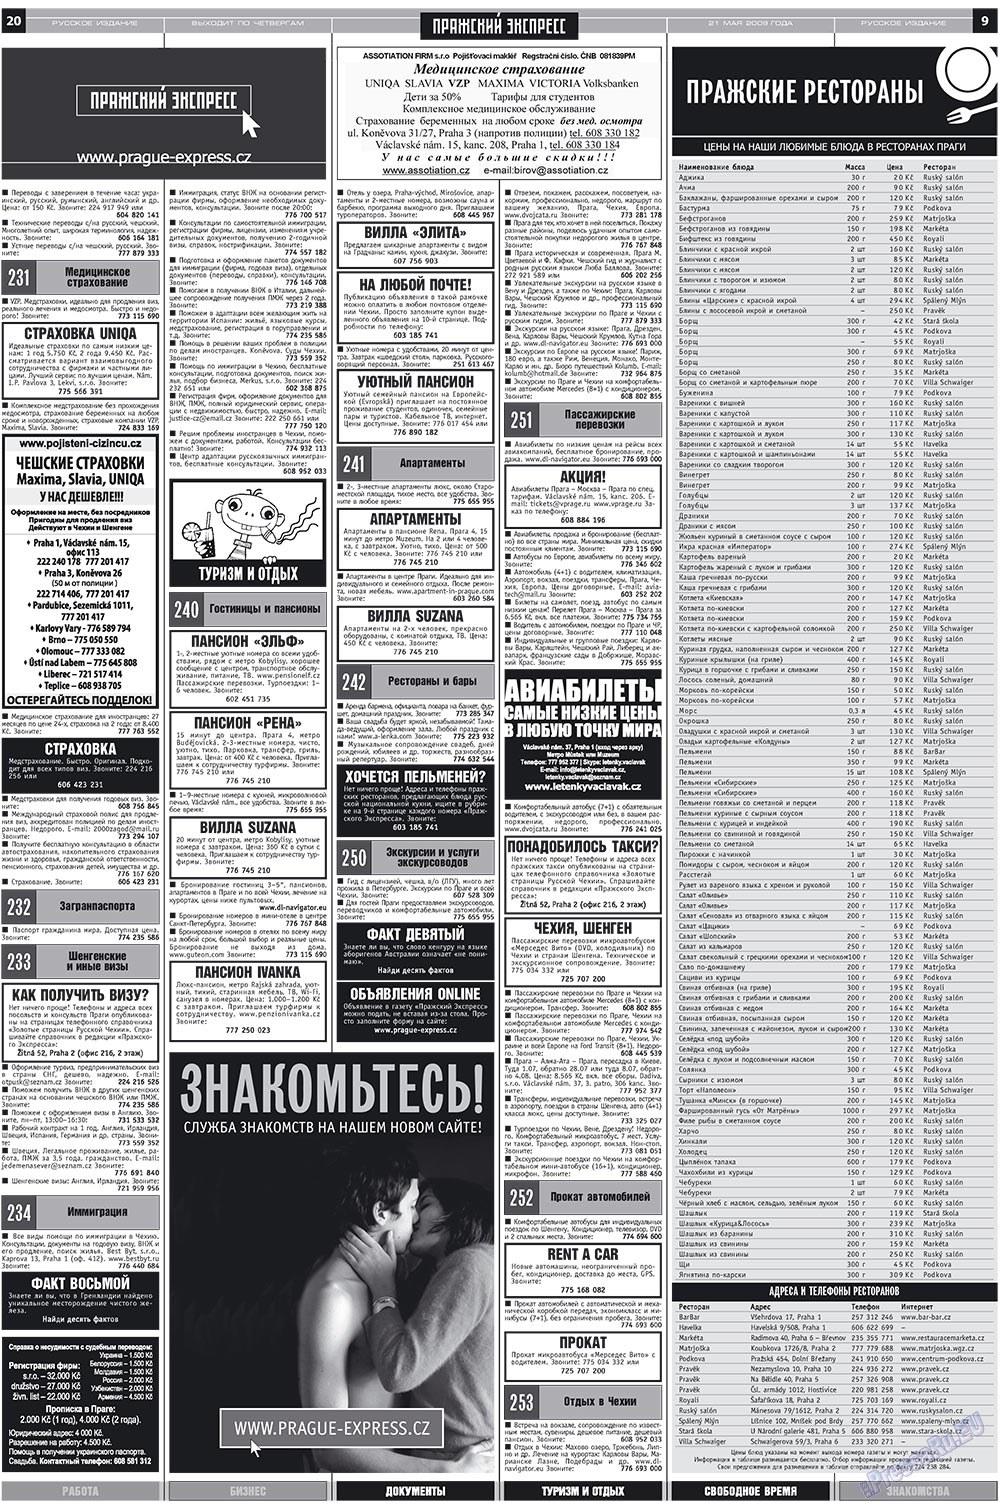 Пражский экспресс (газета). 2009 год, номер 20, стр. 9